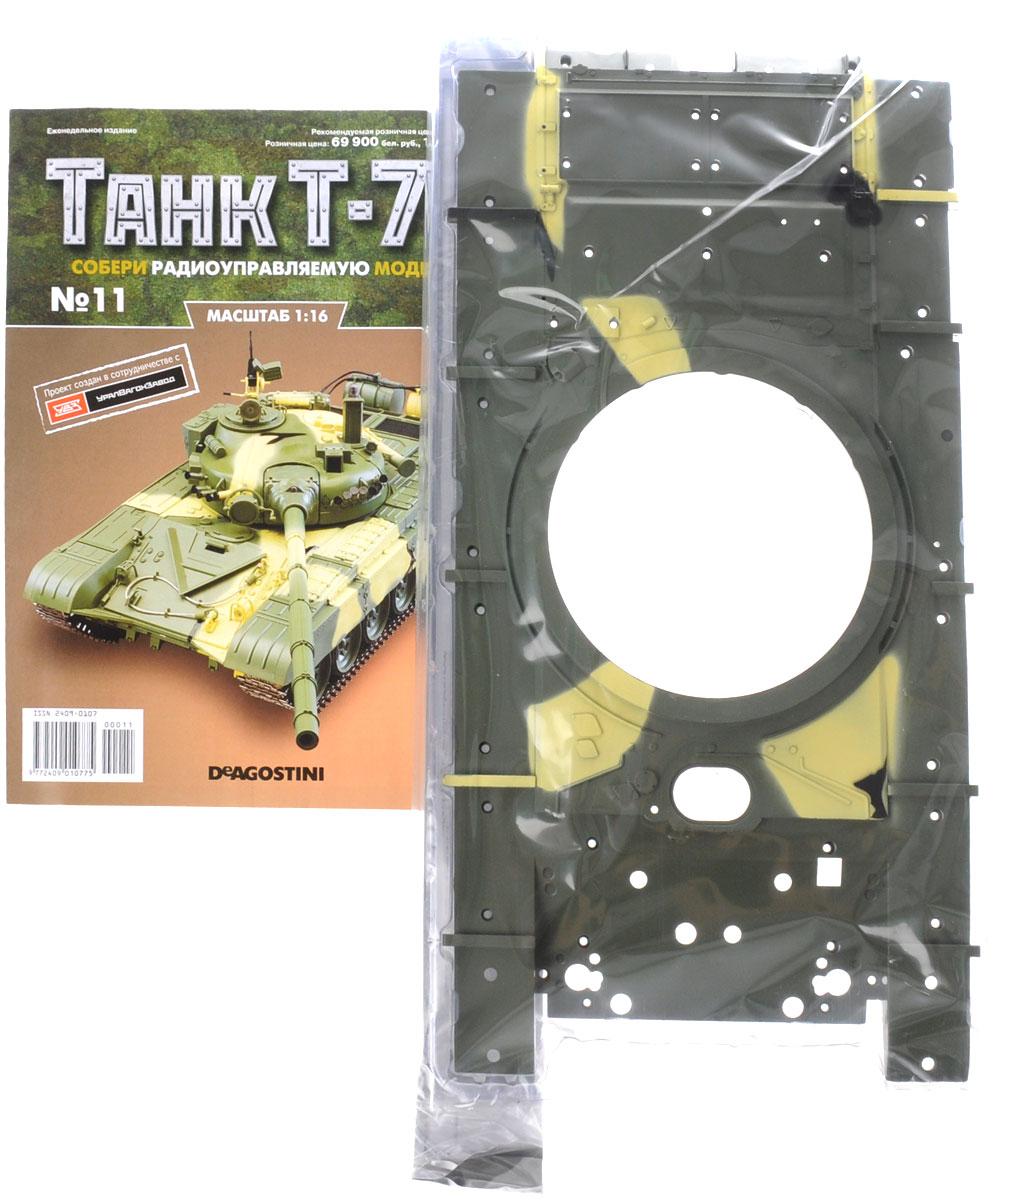 Журнал Танк Т-72 №11TRC011Перед вами - журнал из уникальной серии партворков Танк Т-72 с увлекательной информацией о легендарных боевых машинах и элементами для сборки копии танка Т-72 в уменьшенном варианте 1:16. У вас есть возможность собственноручно создать высококачественную модель этого знаменитого танка с достоверным воспроизведением всех элементов, сохранением функций подлинной боевой машины и дистанционным управлением. В комплекте верхняя часть корпуса модели Т-72. Категория 16+.